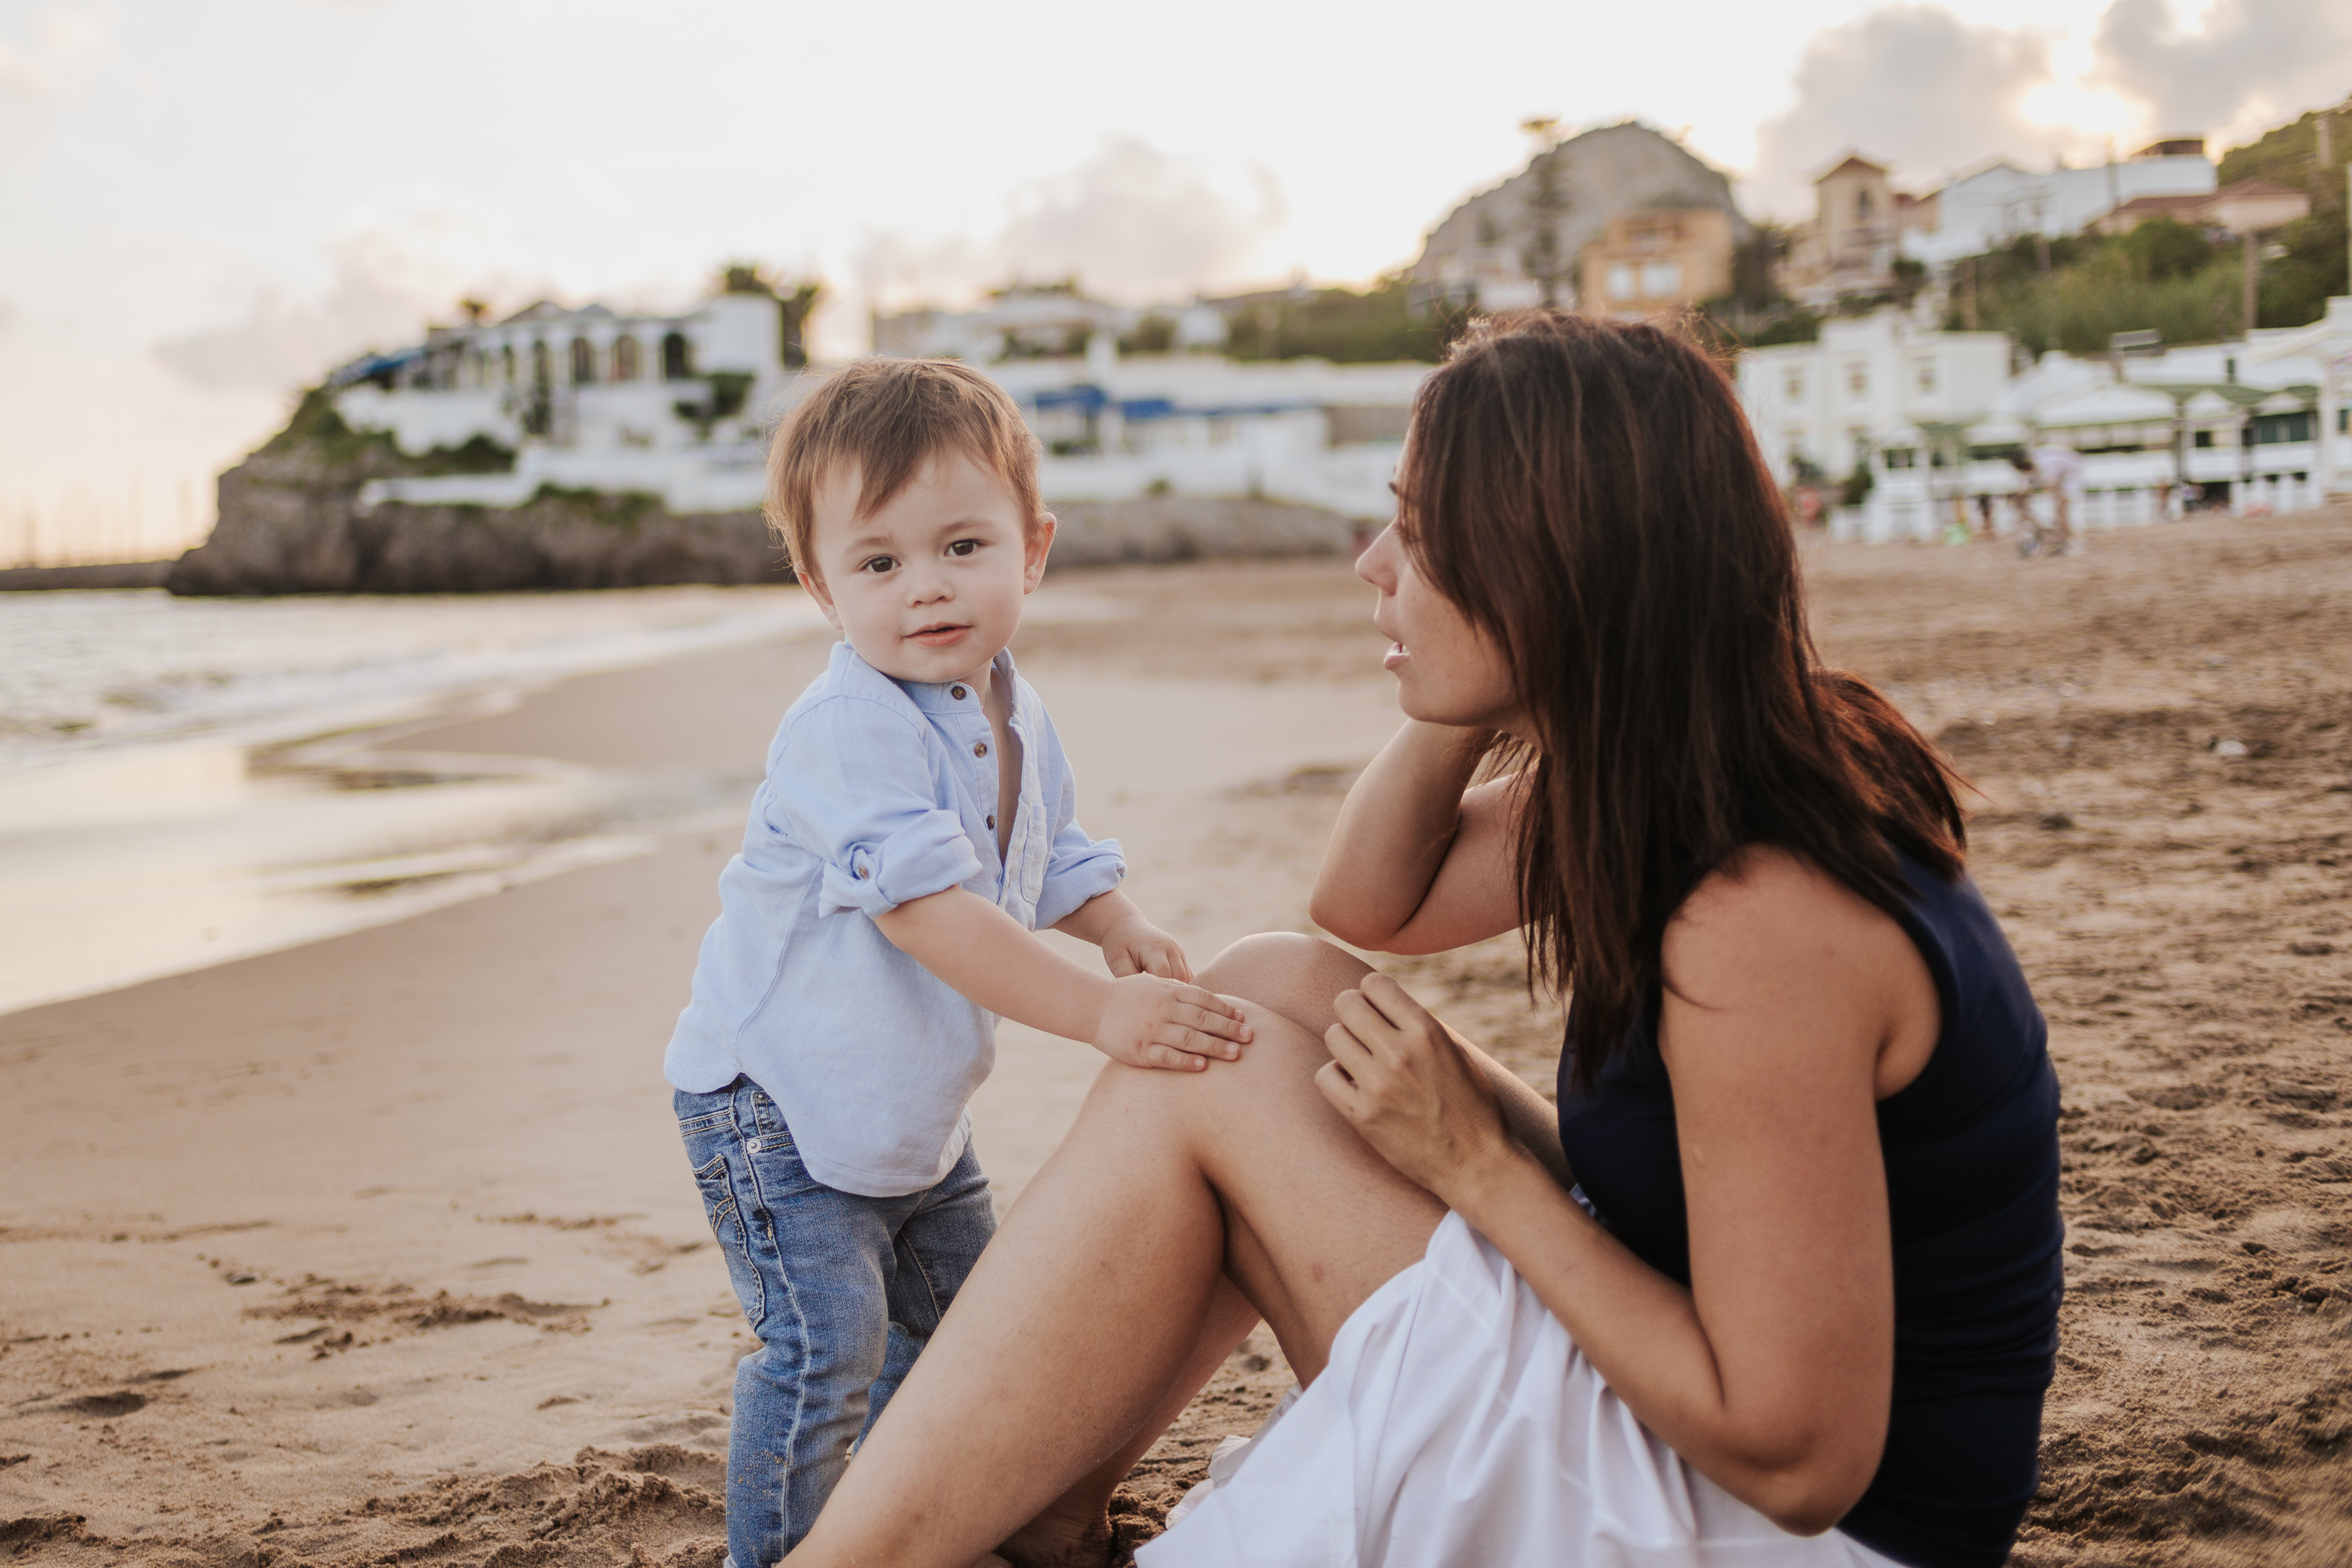 Fotógrafo de familia Sitges :: Les casetes del Garraf :: Fotografía infantil :: Fotografía de familia :: Atardecer :: Playa :: Reportaje de playa familiar